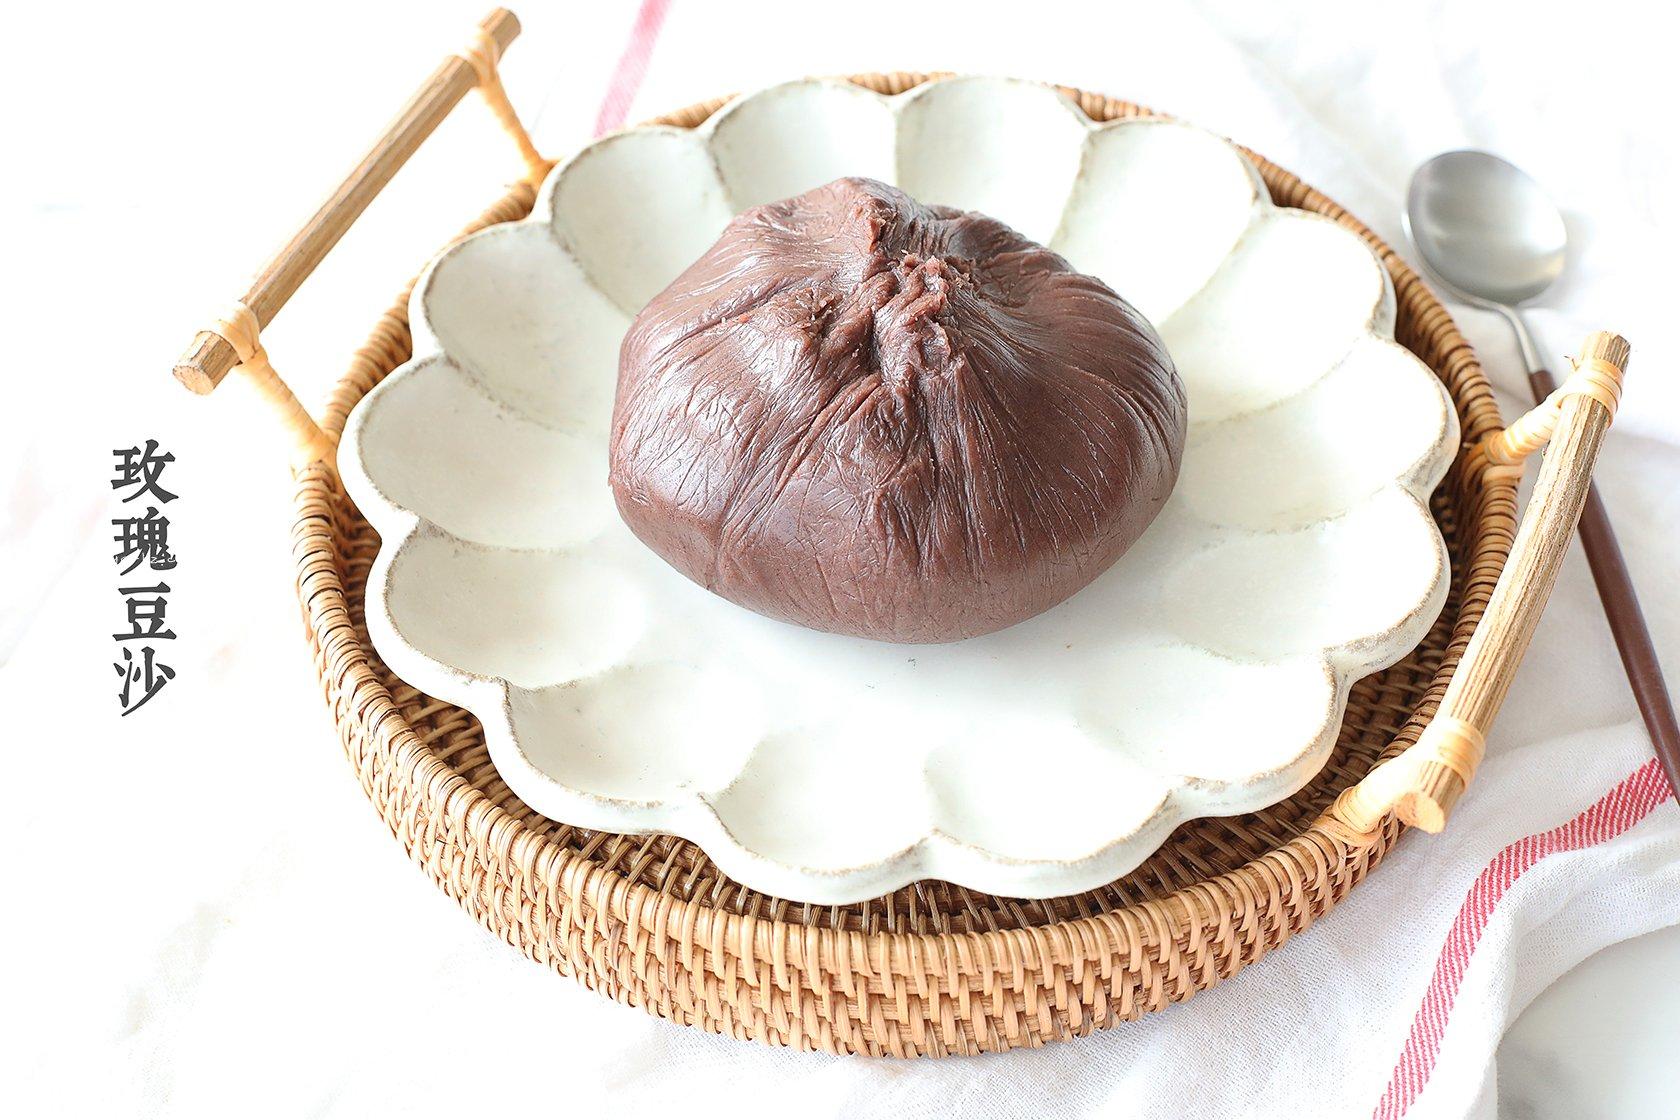 自制低油玫瑰豆沙【适合包子、青团、面包等】的做法